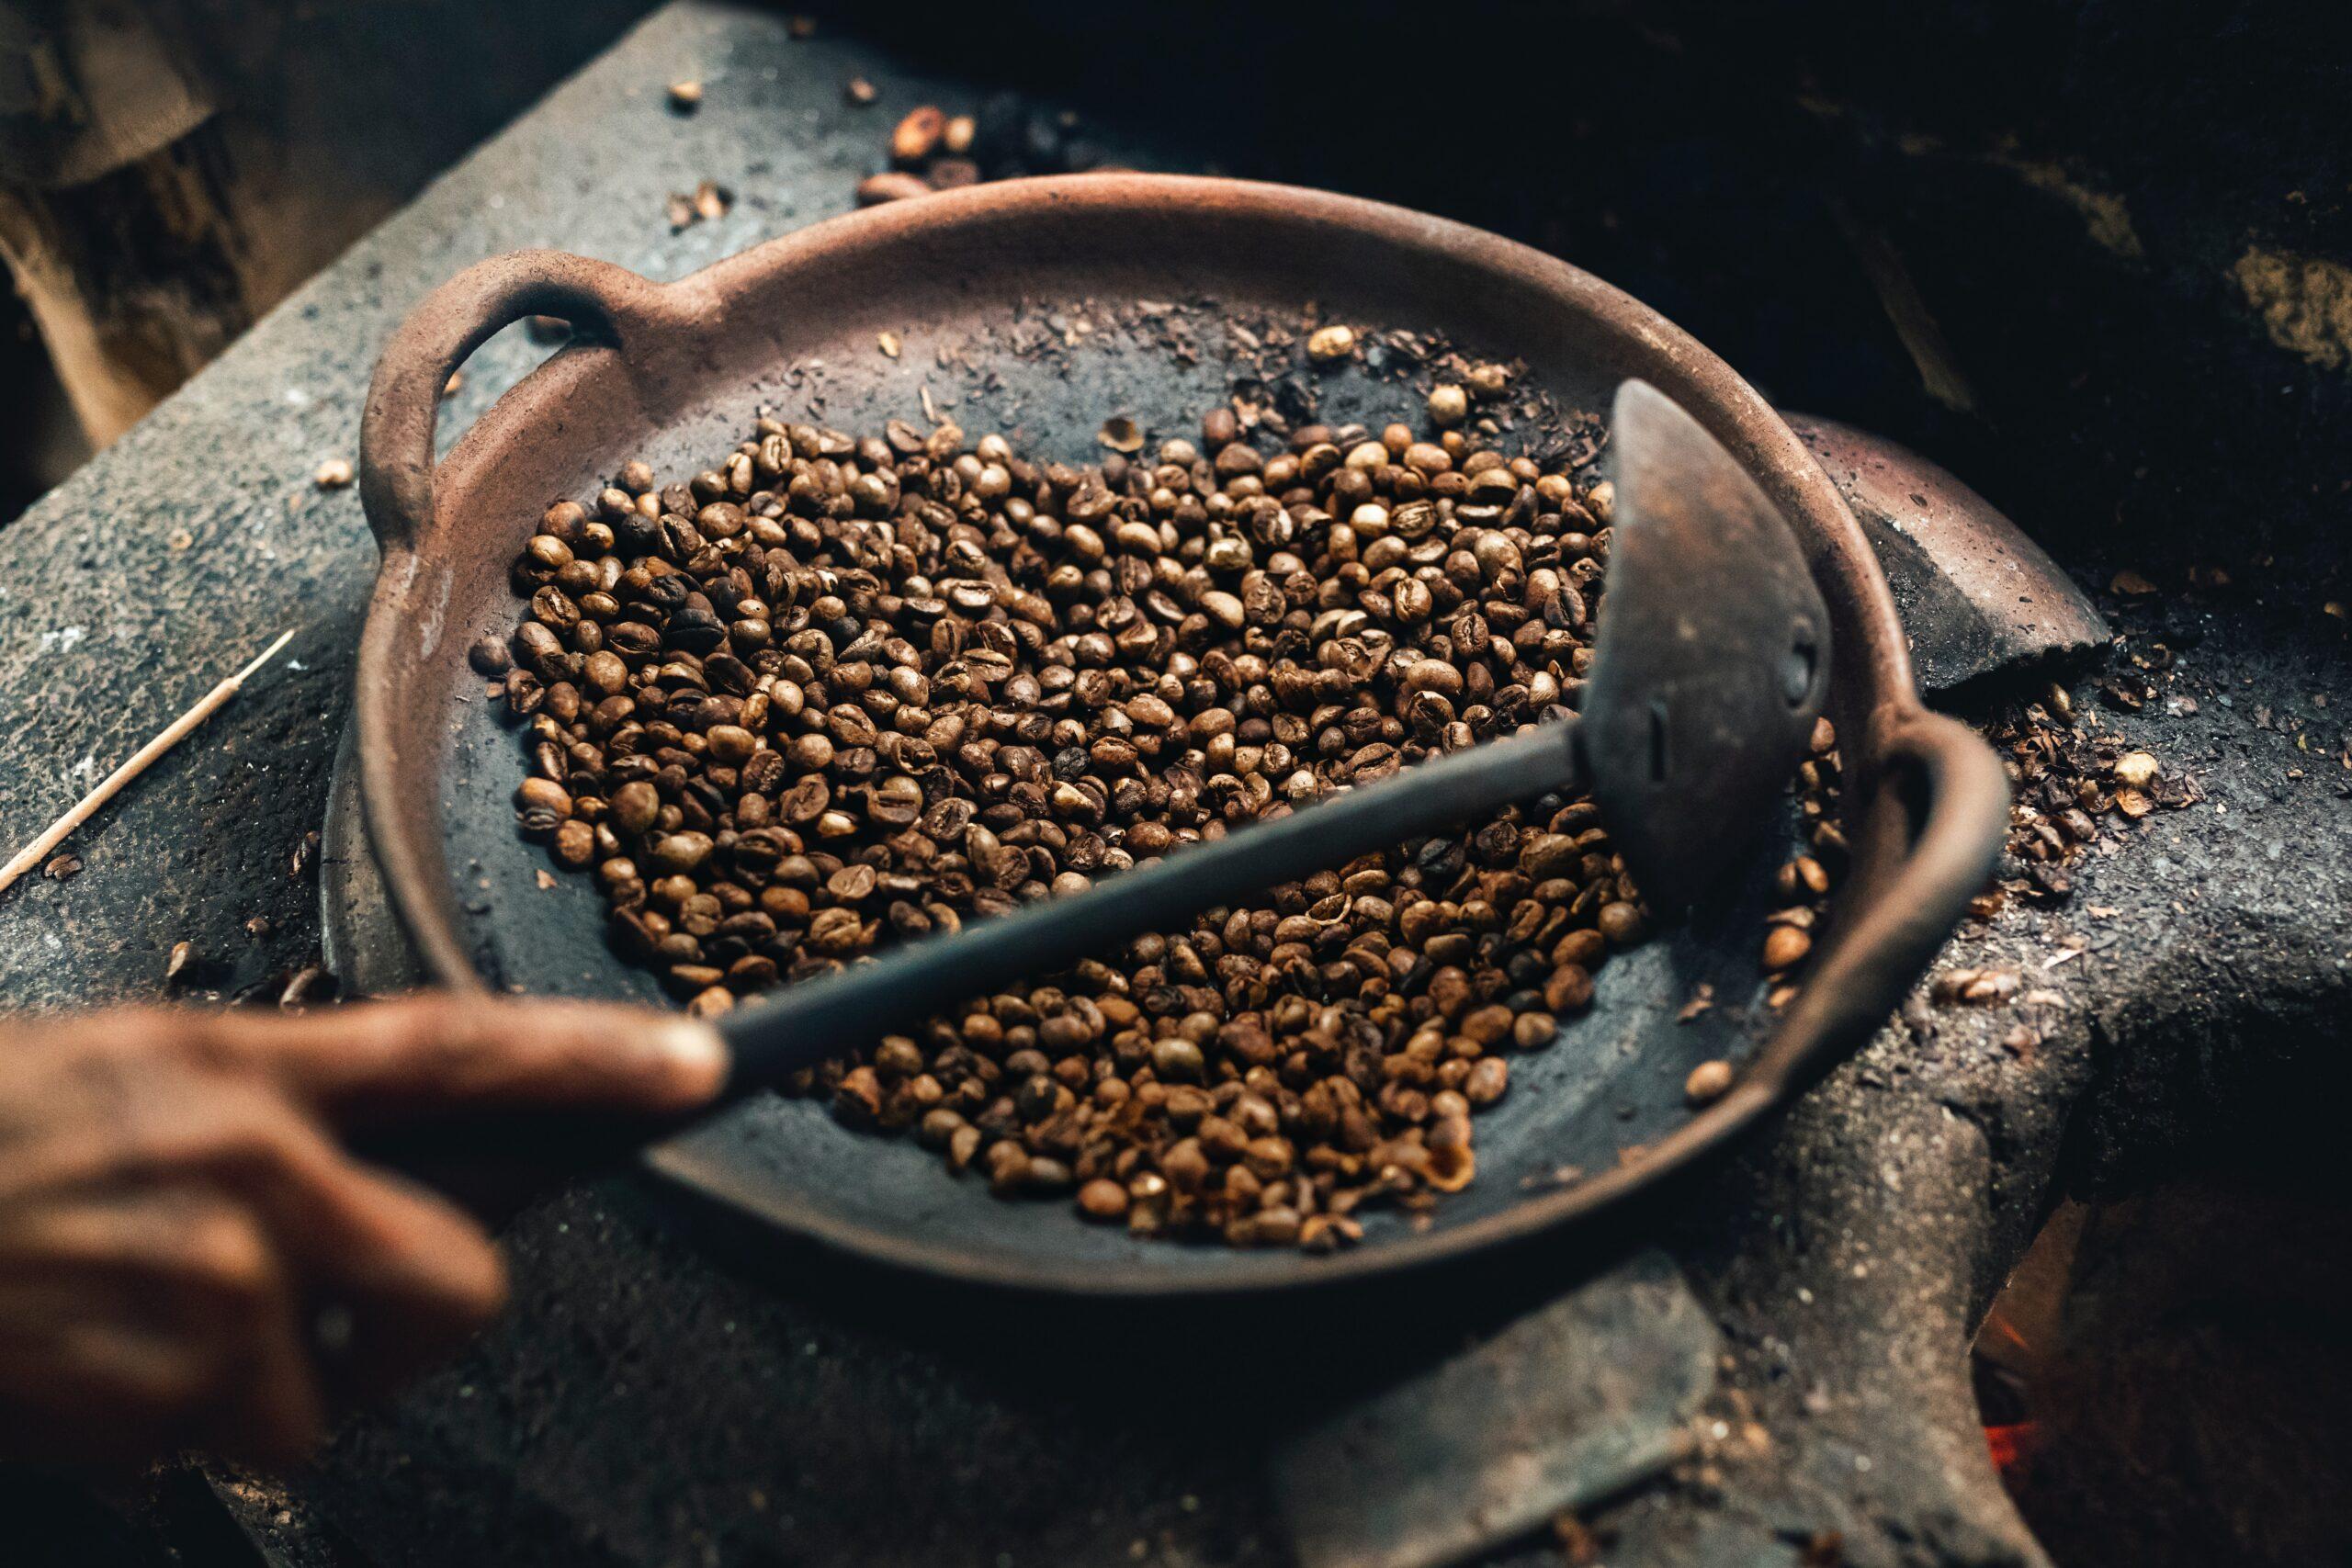 Najdroższa kawa dostępna w Mielcu. Czym jest?